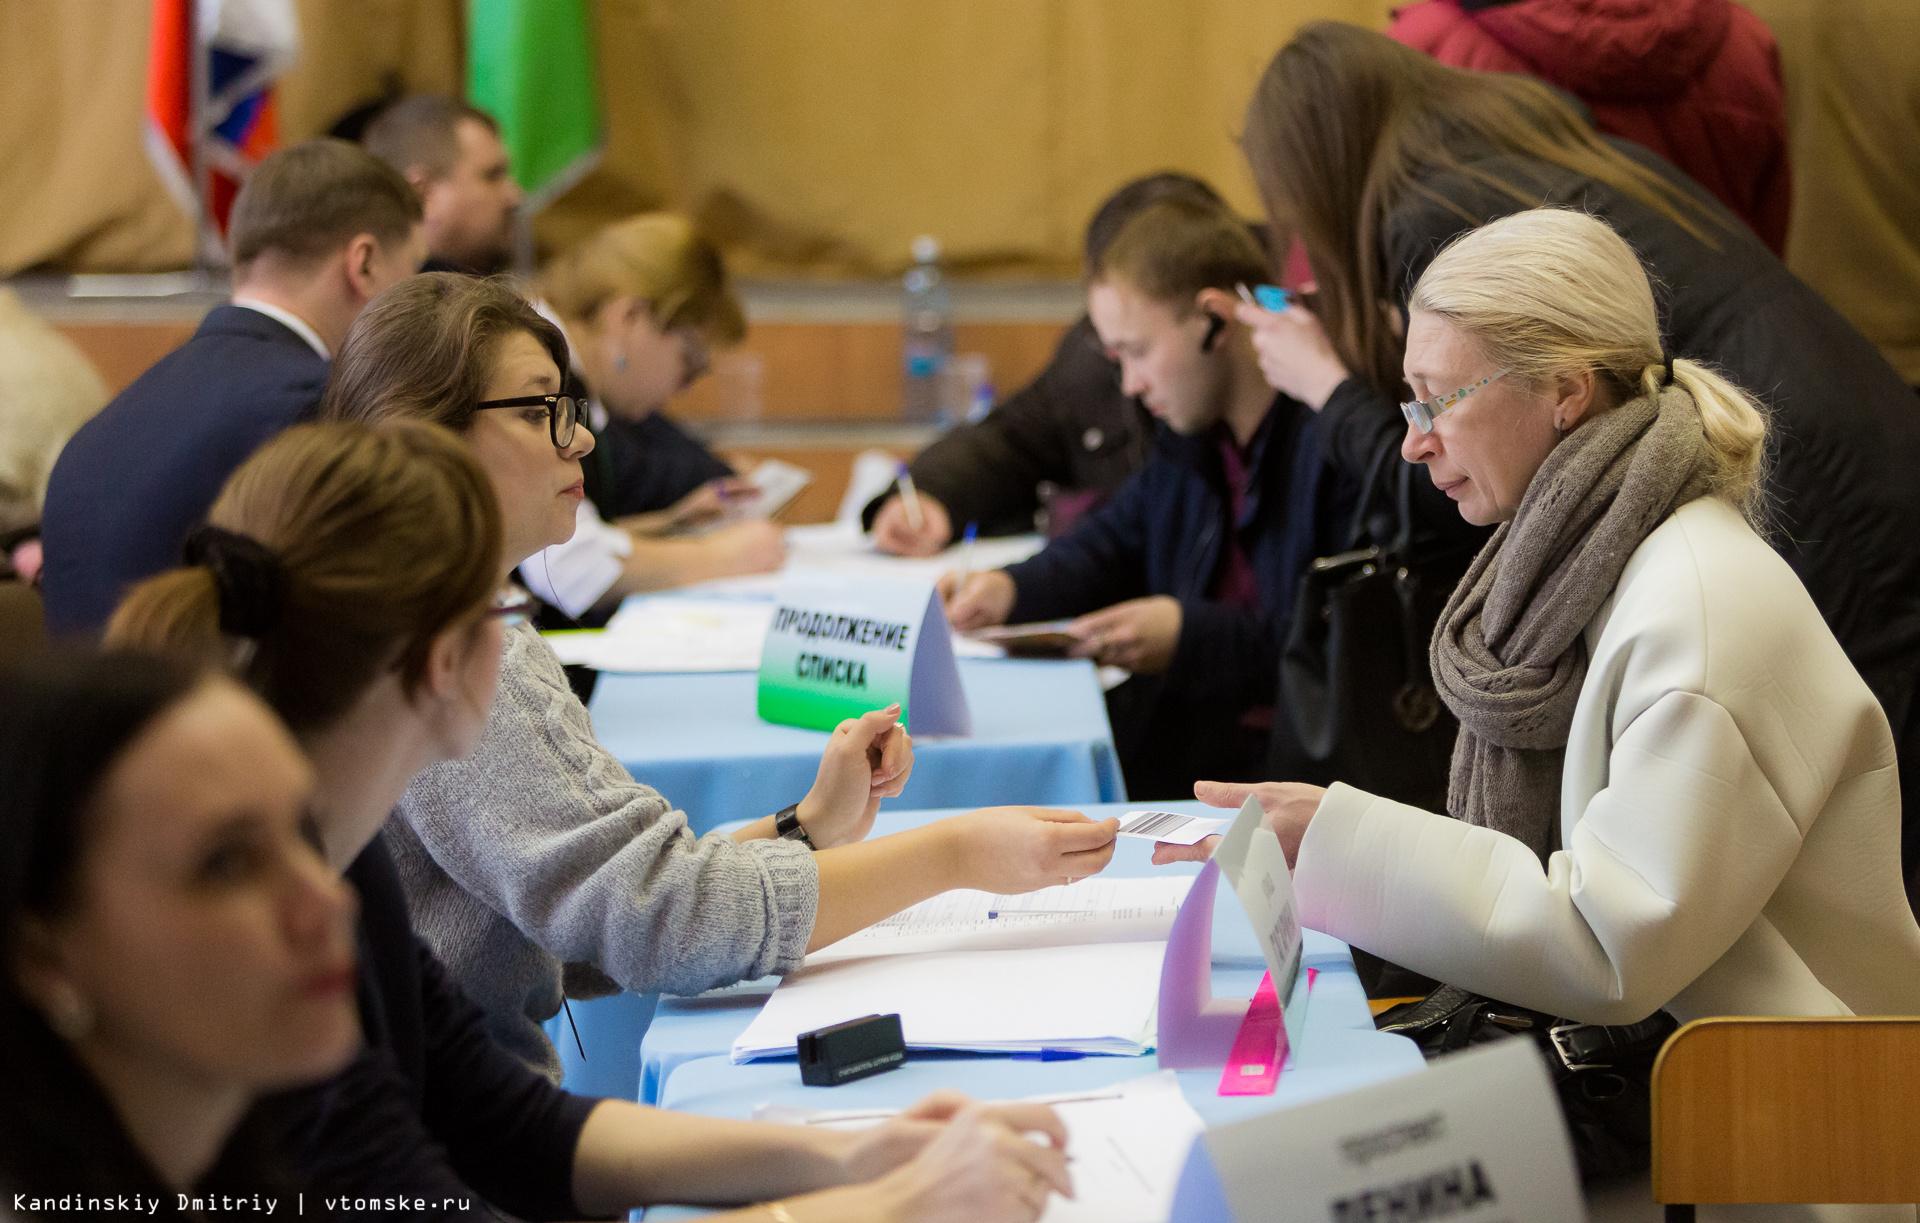 Явка на выборах президента РФ в Томской области к 15:00 превысила 43 %